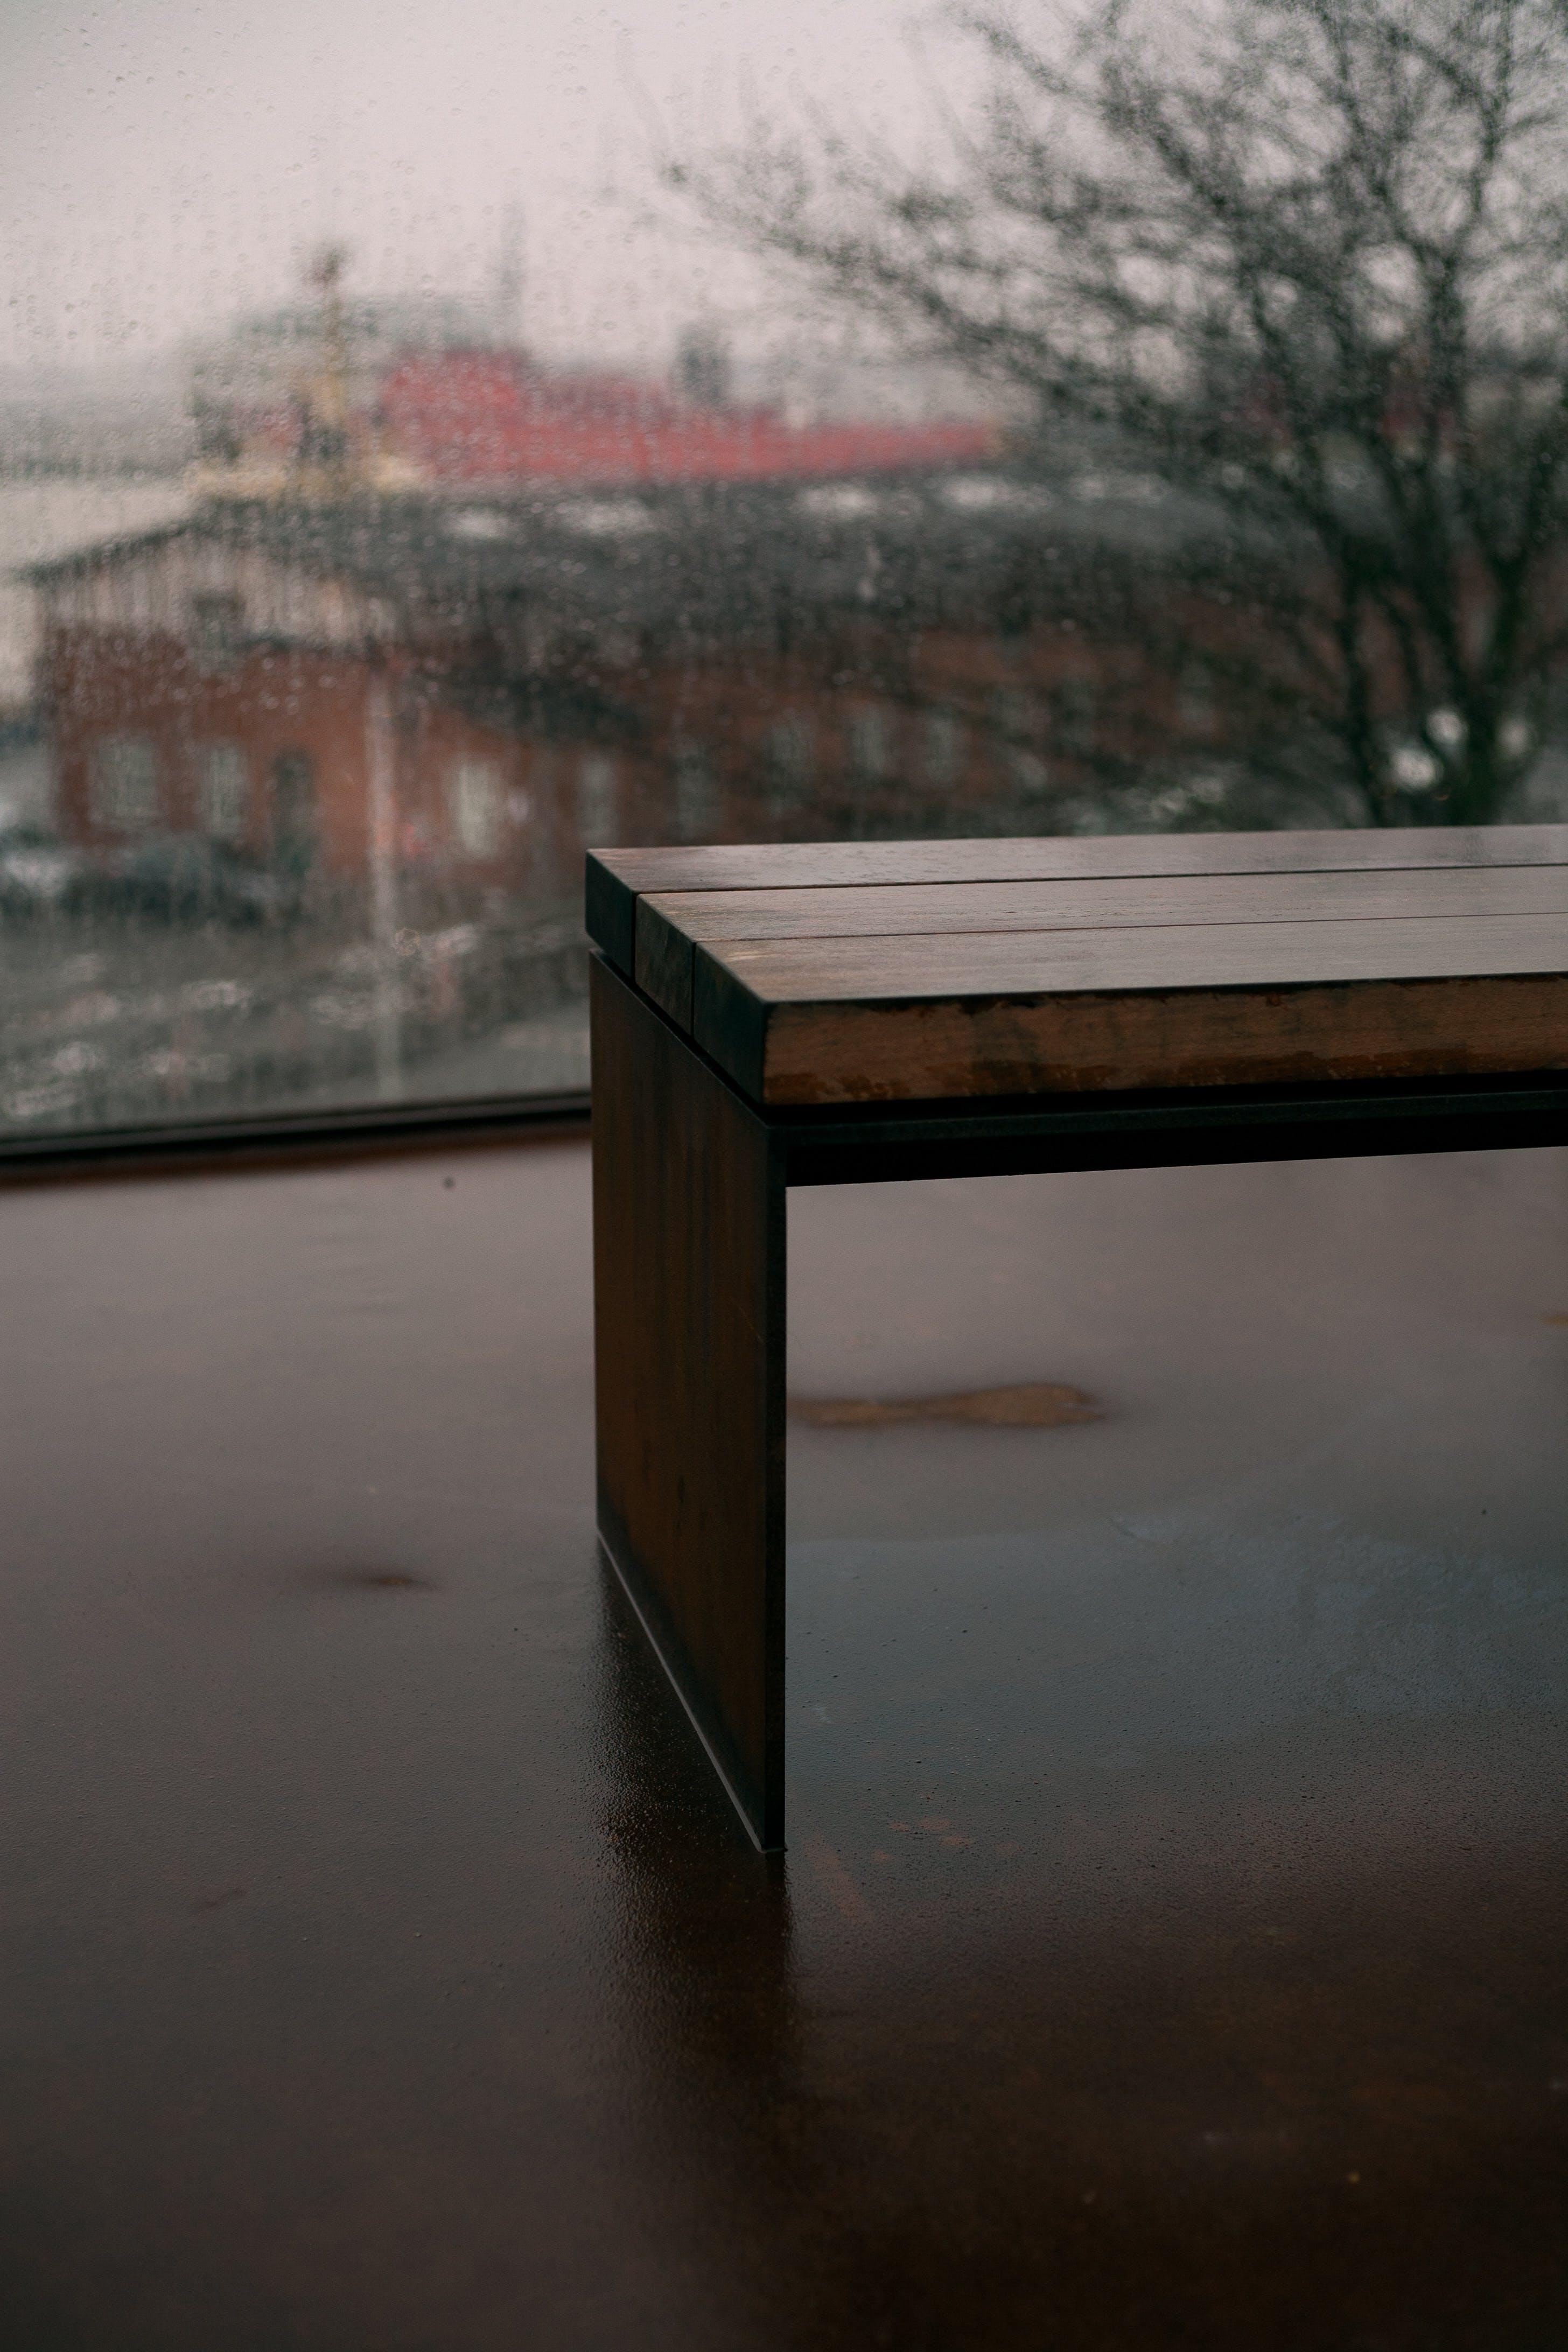 Δωρεάν στοκ φωτογραφιών με βρέχω, βροχή, γυαλί, δέντρο